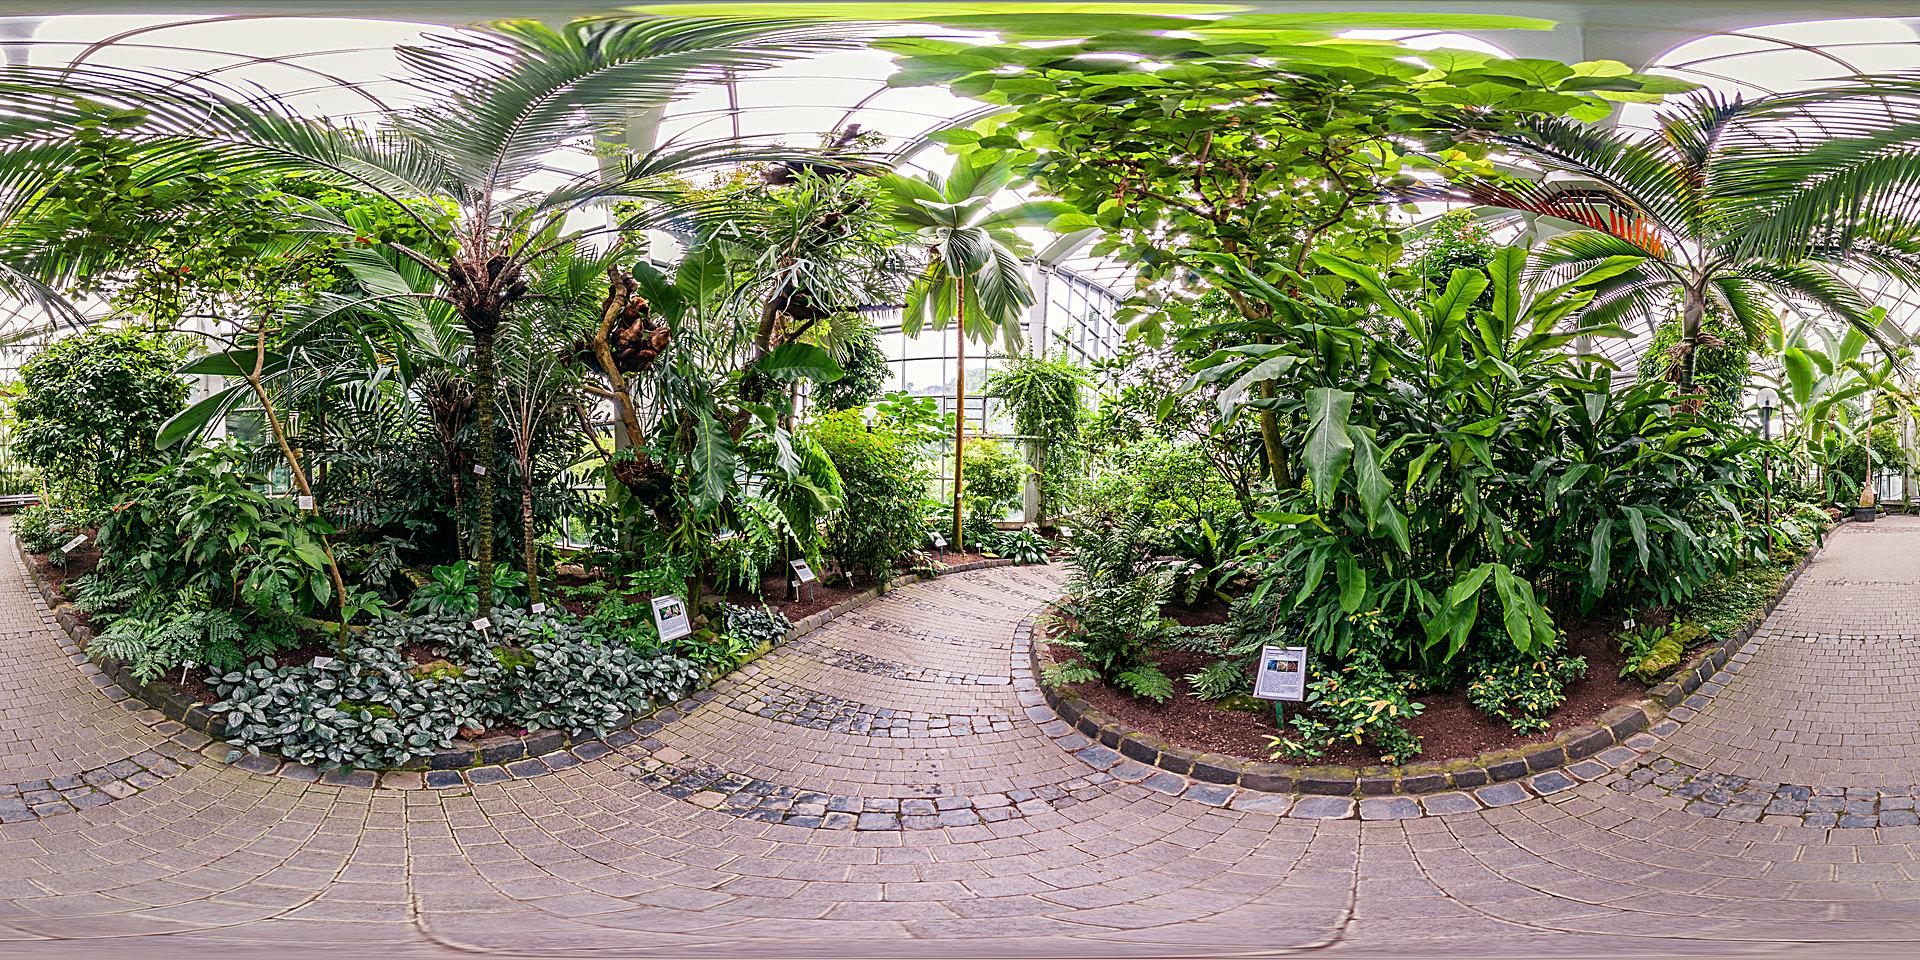 Palmengarten - Tropicarium Monsunwald